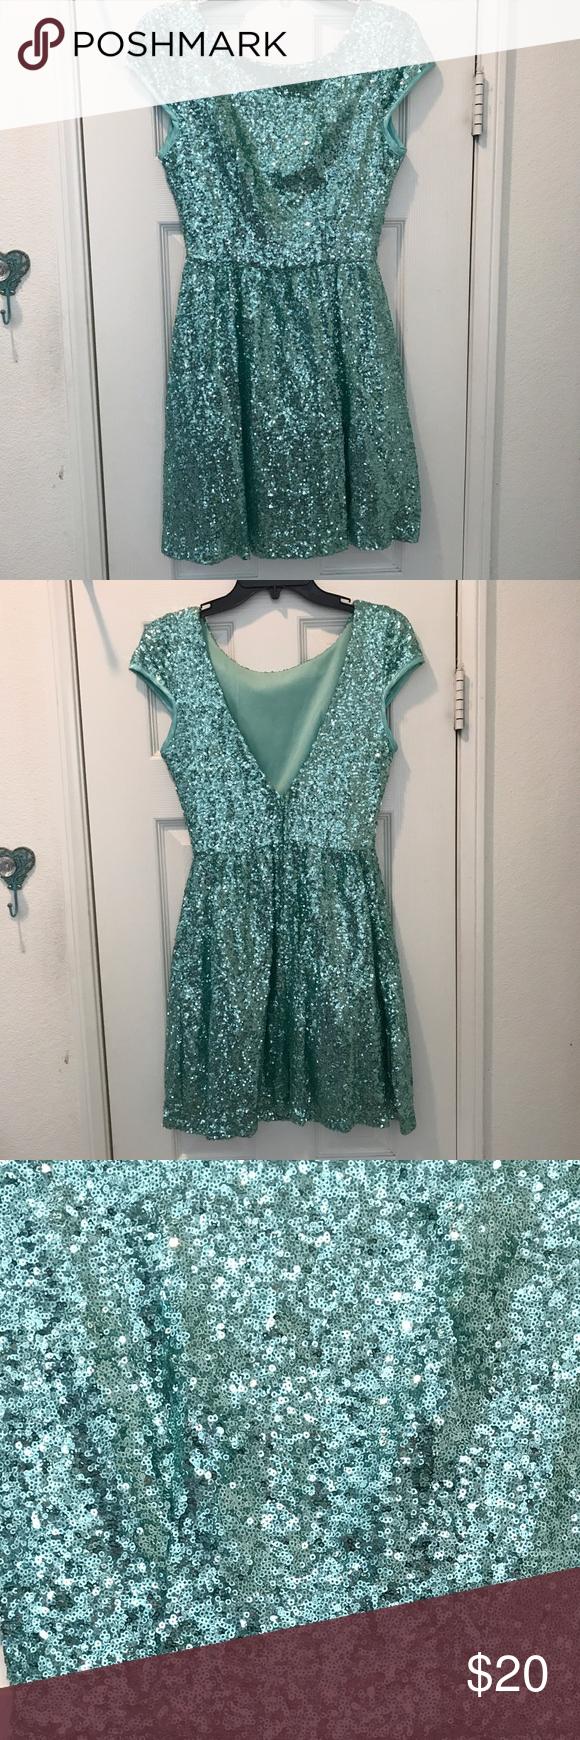 Windsor mermaid teal sequin cocktail dress windsor fc dress